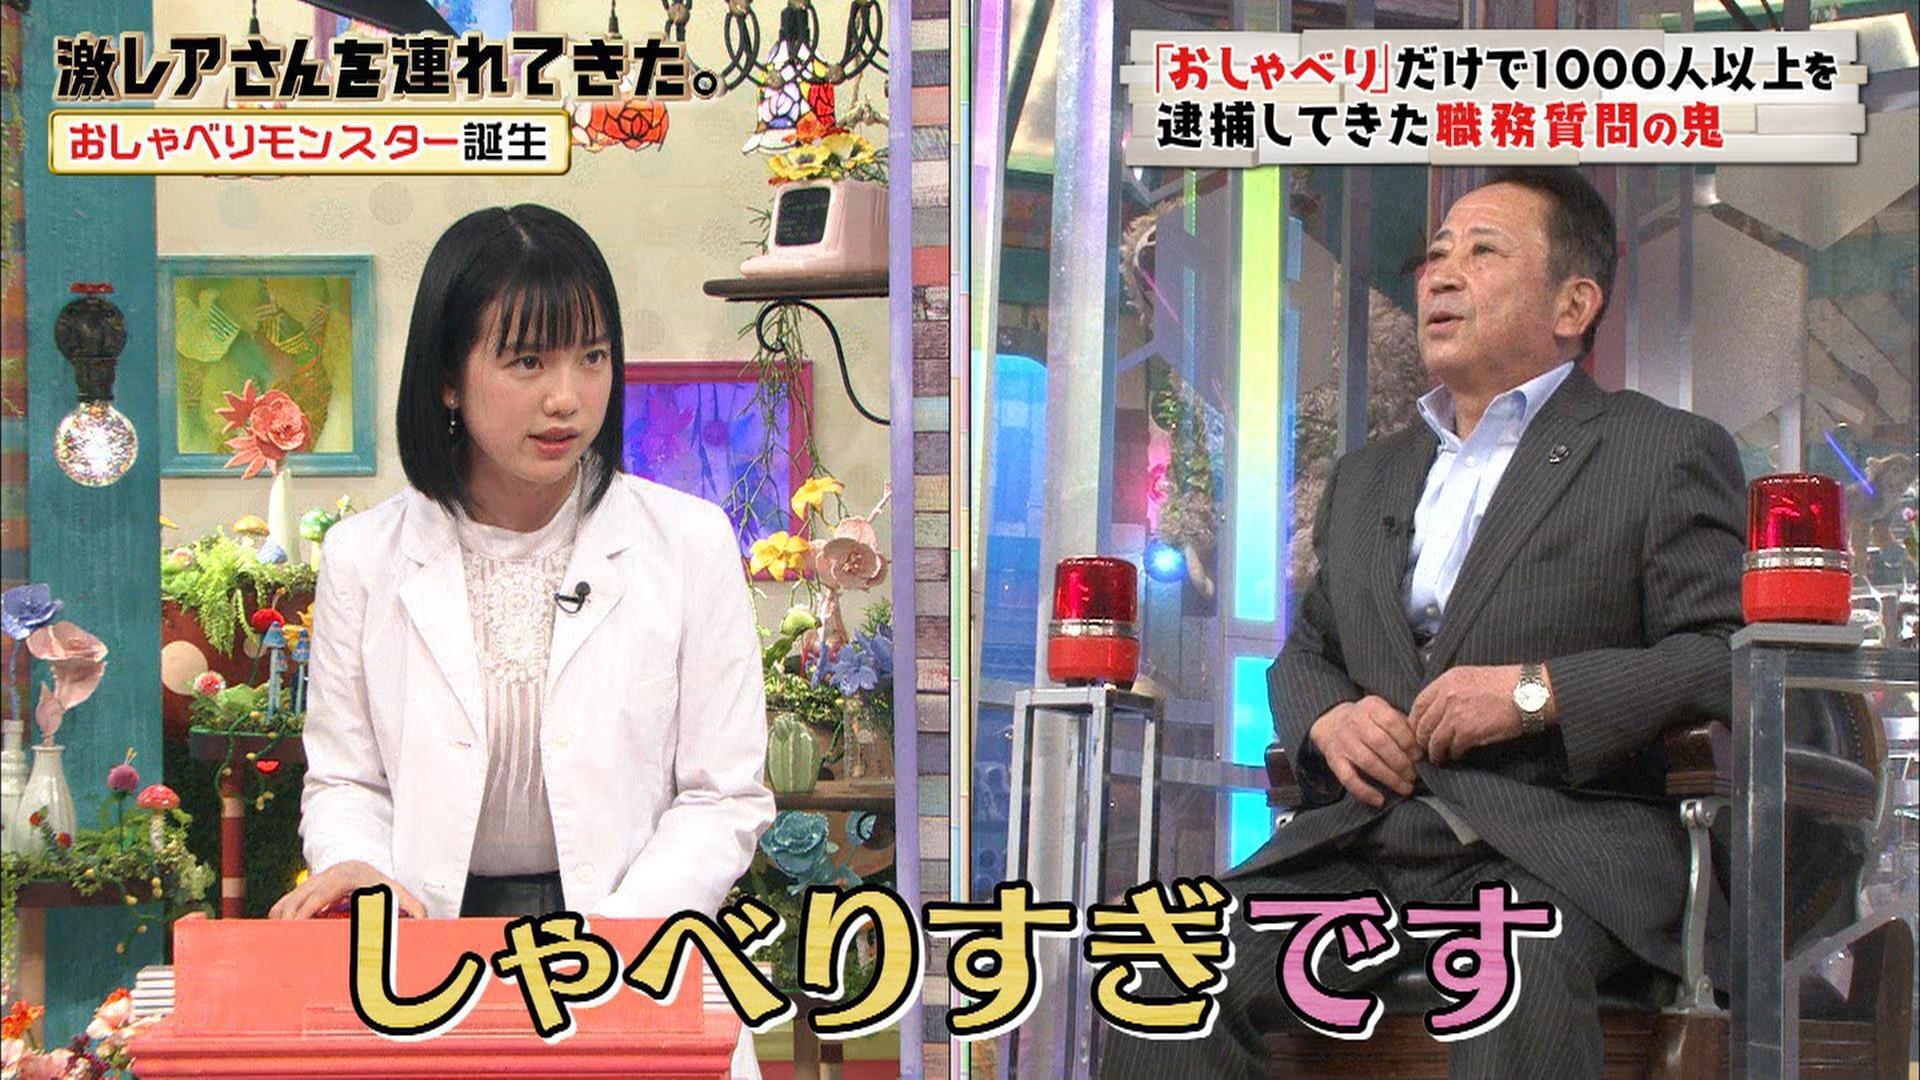 タカハシさん(高橋和義)は激レア職務質問の鬼!wikiプロフィール(経歴・大学)役職や現在年収は?